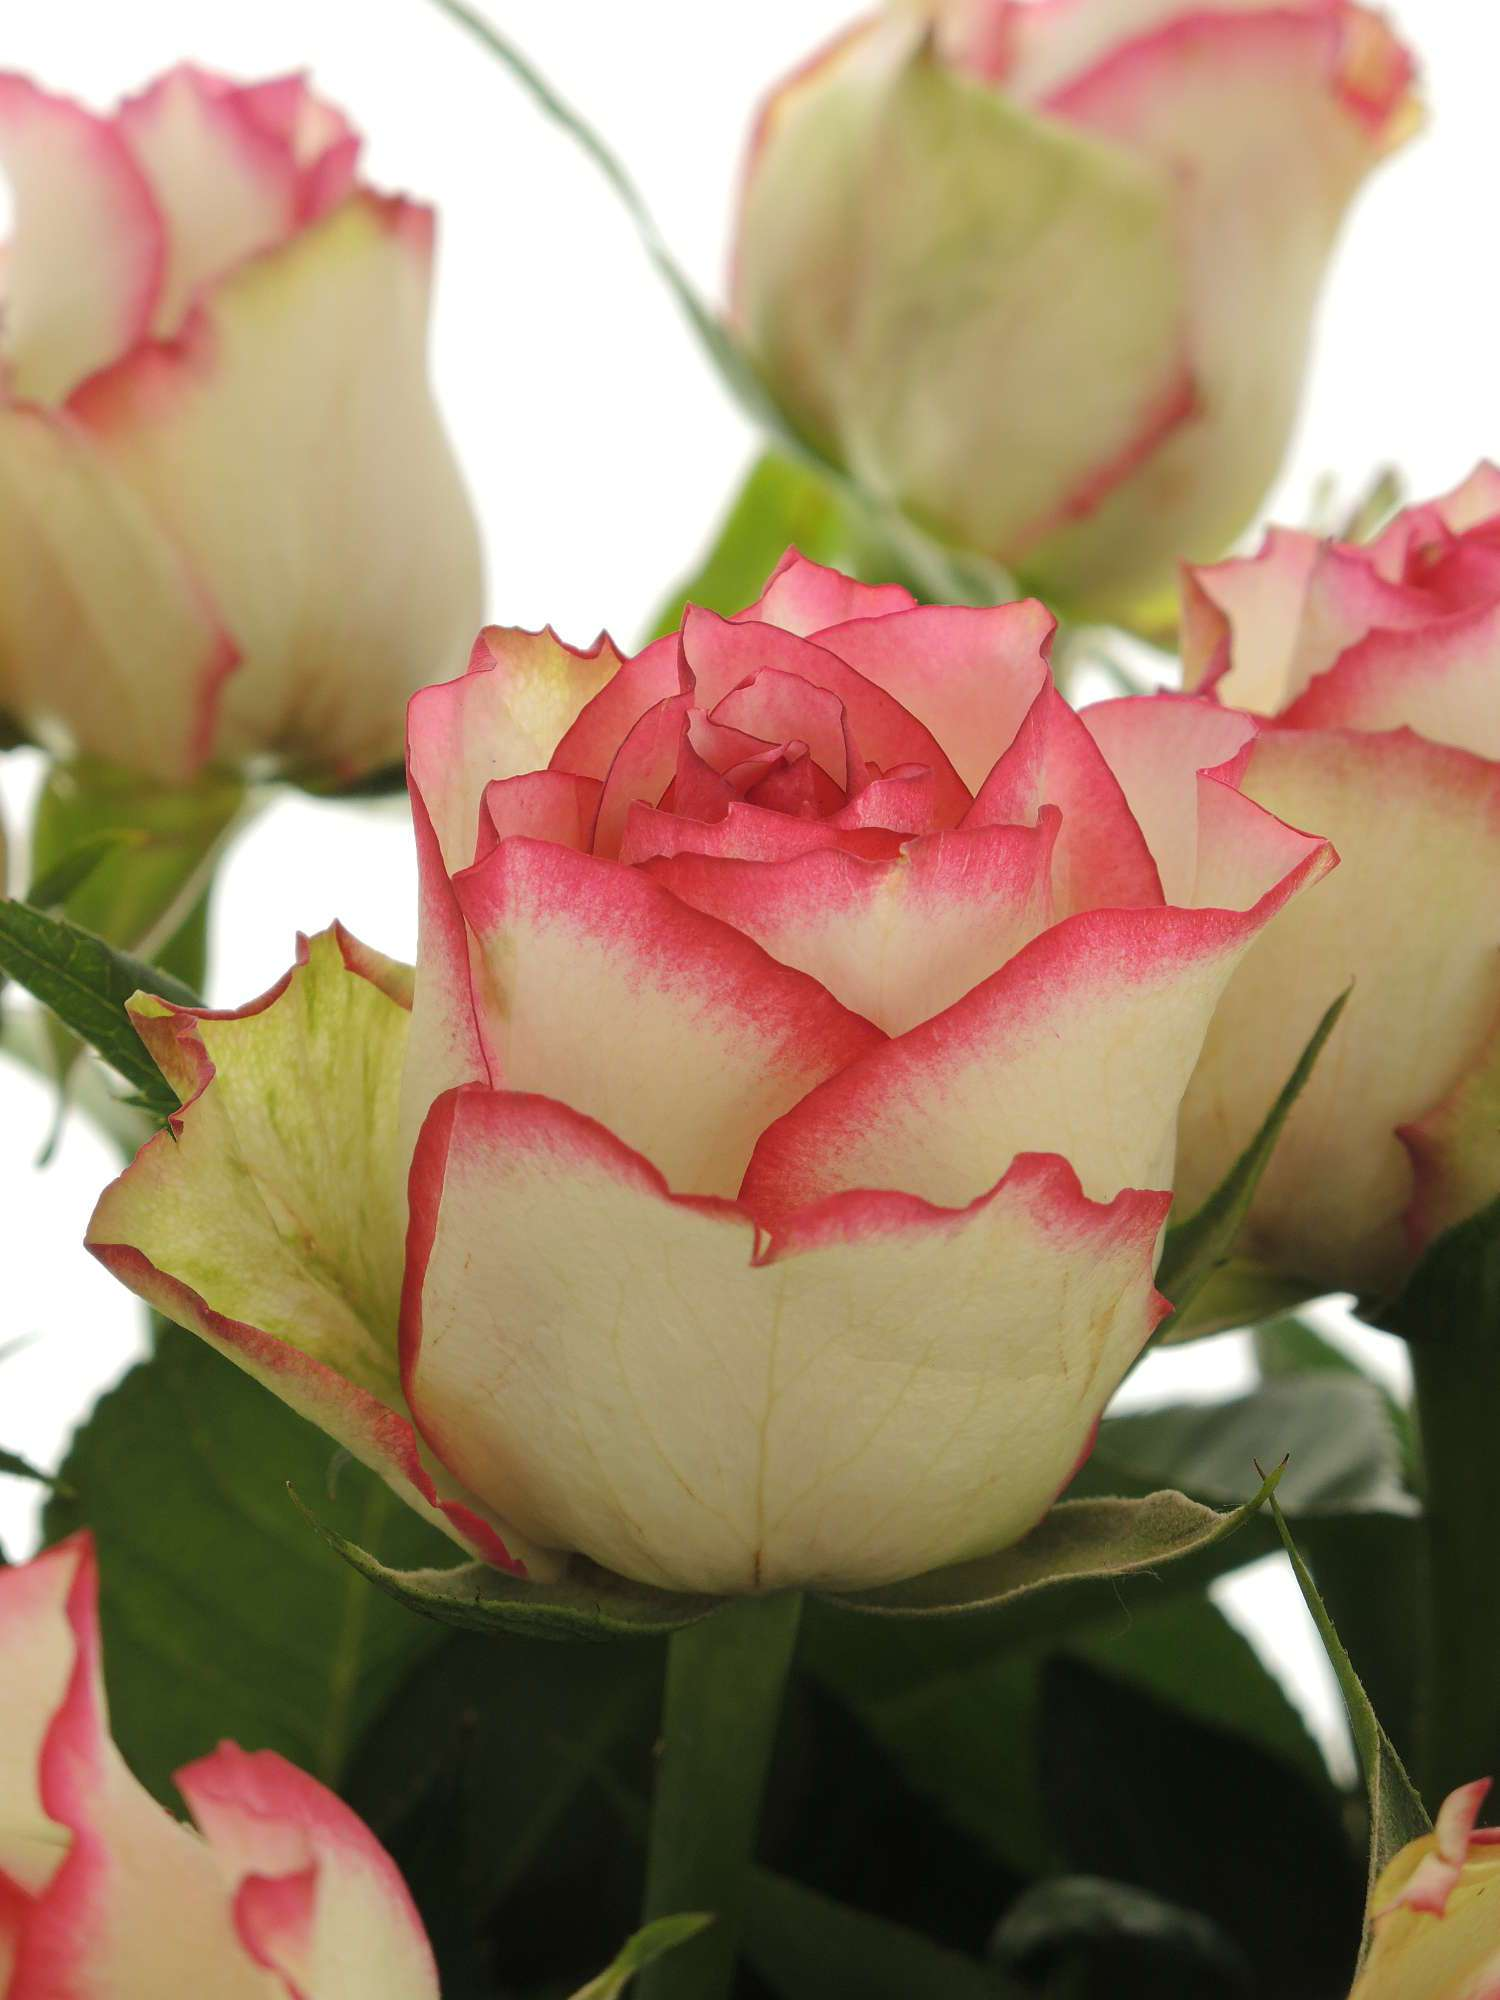 Bilder Mit Rosen blumenstrau mit versch rosen und